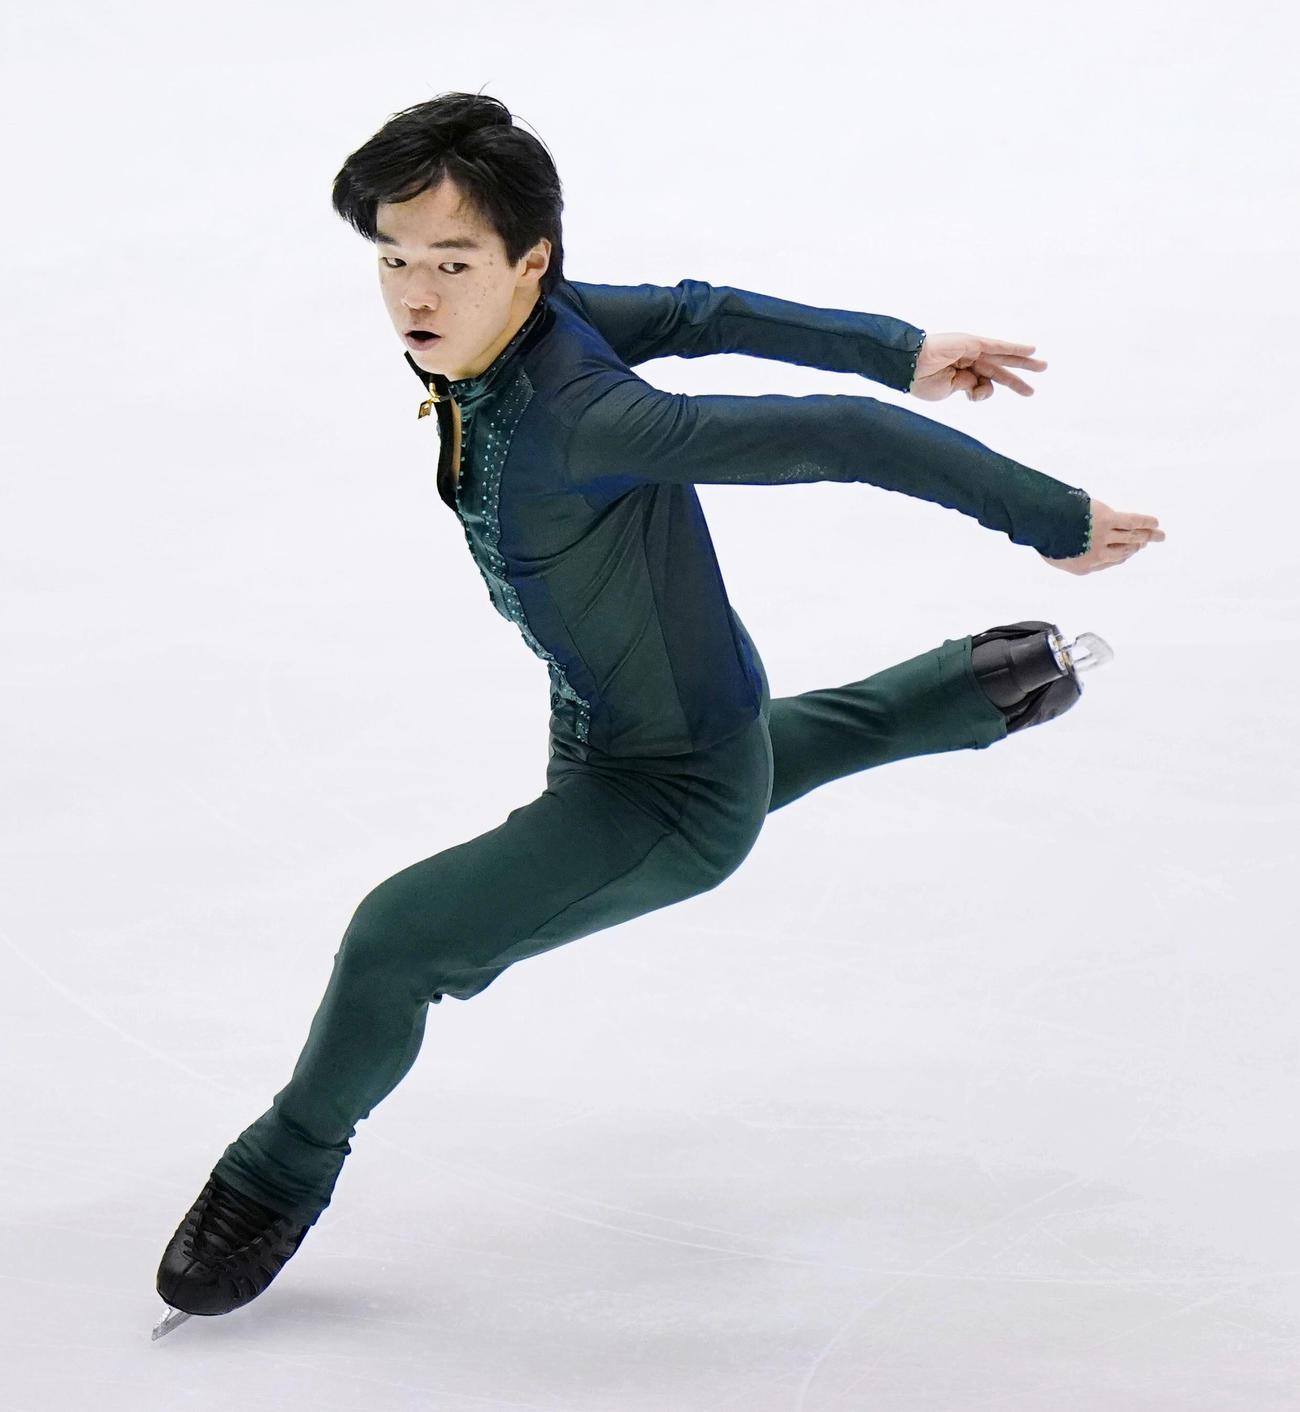 フィギュア少年男子で優勝した神奈川・鍵山優真のフリー(代表撮影)